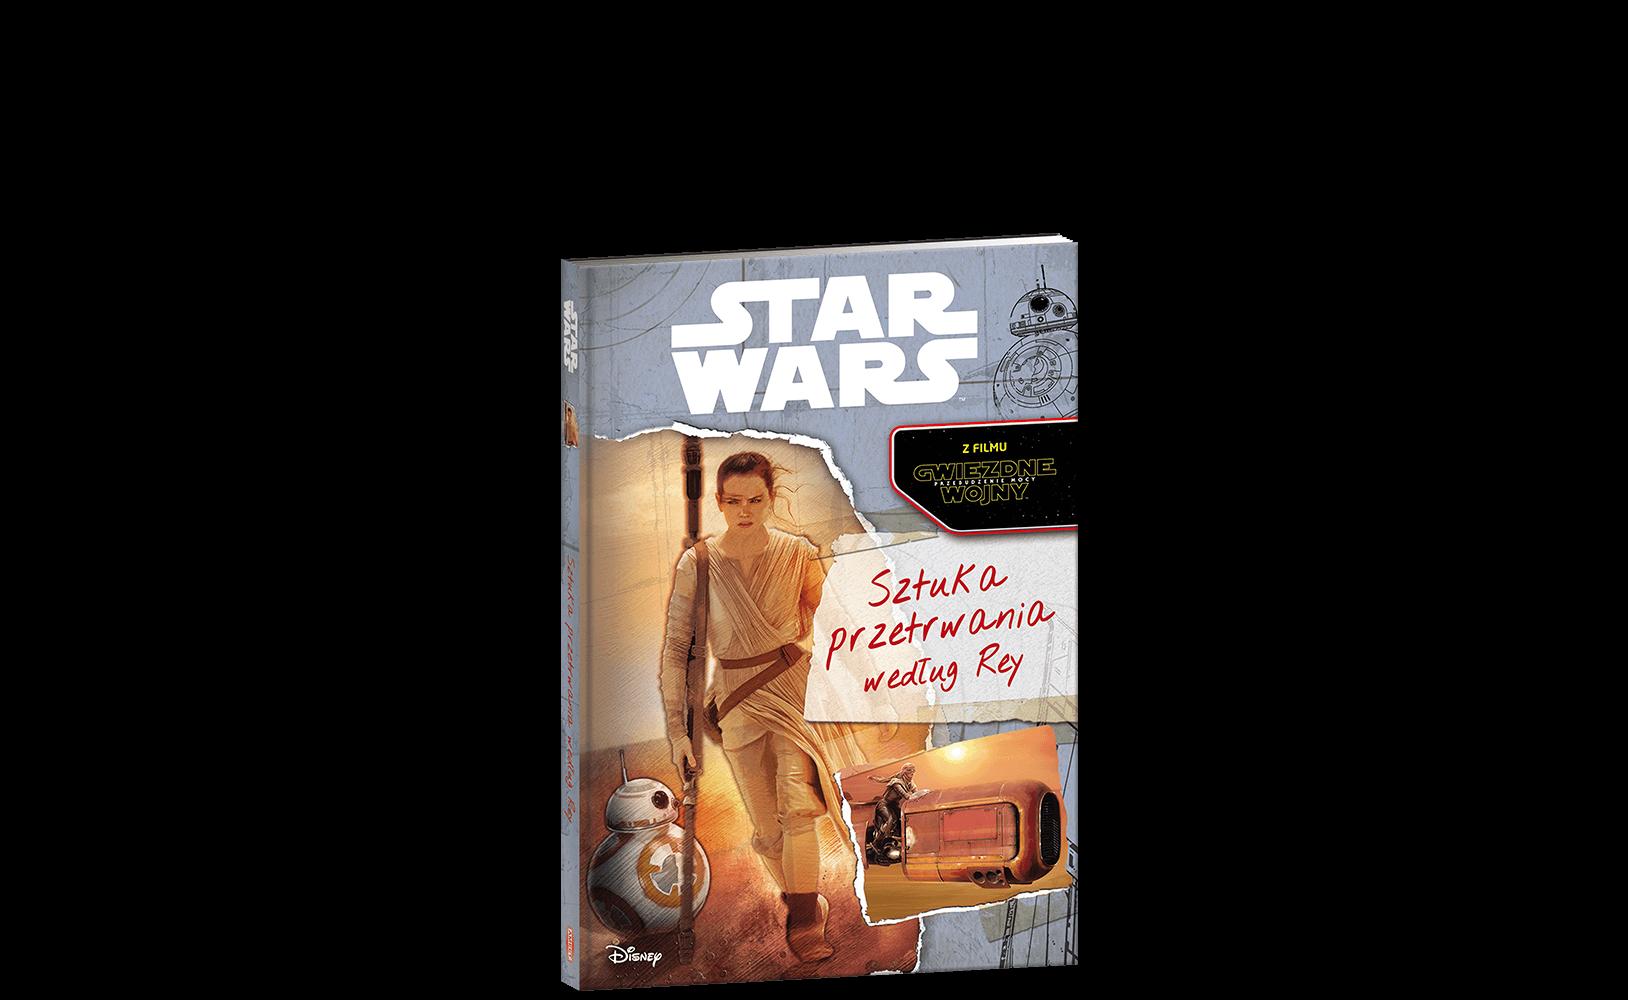 STAR WARS™. Sztuka przetrwania według Rey